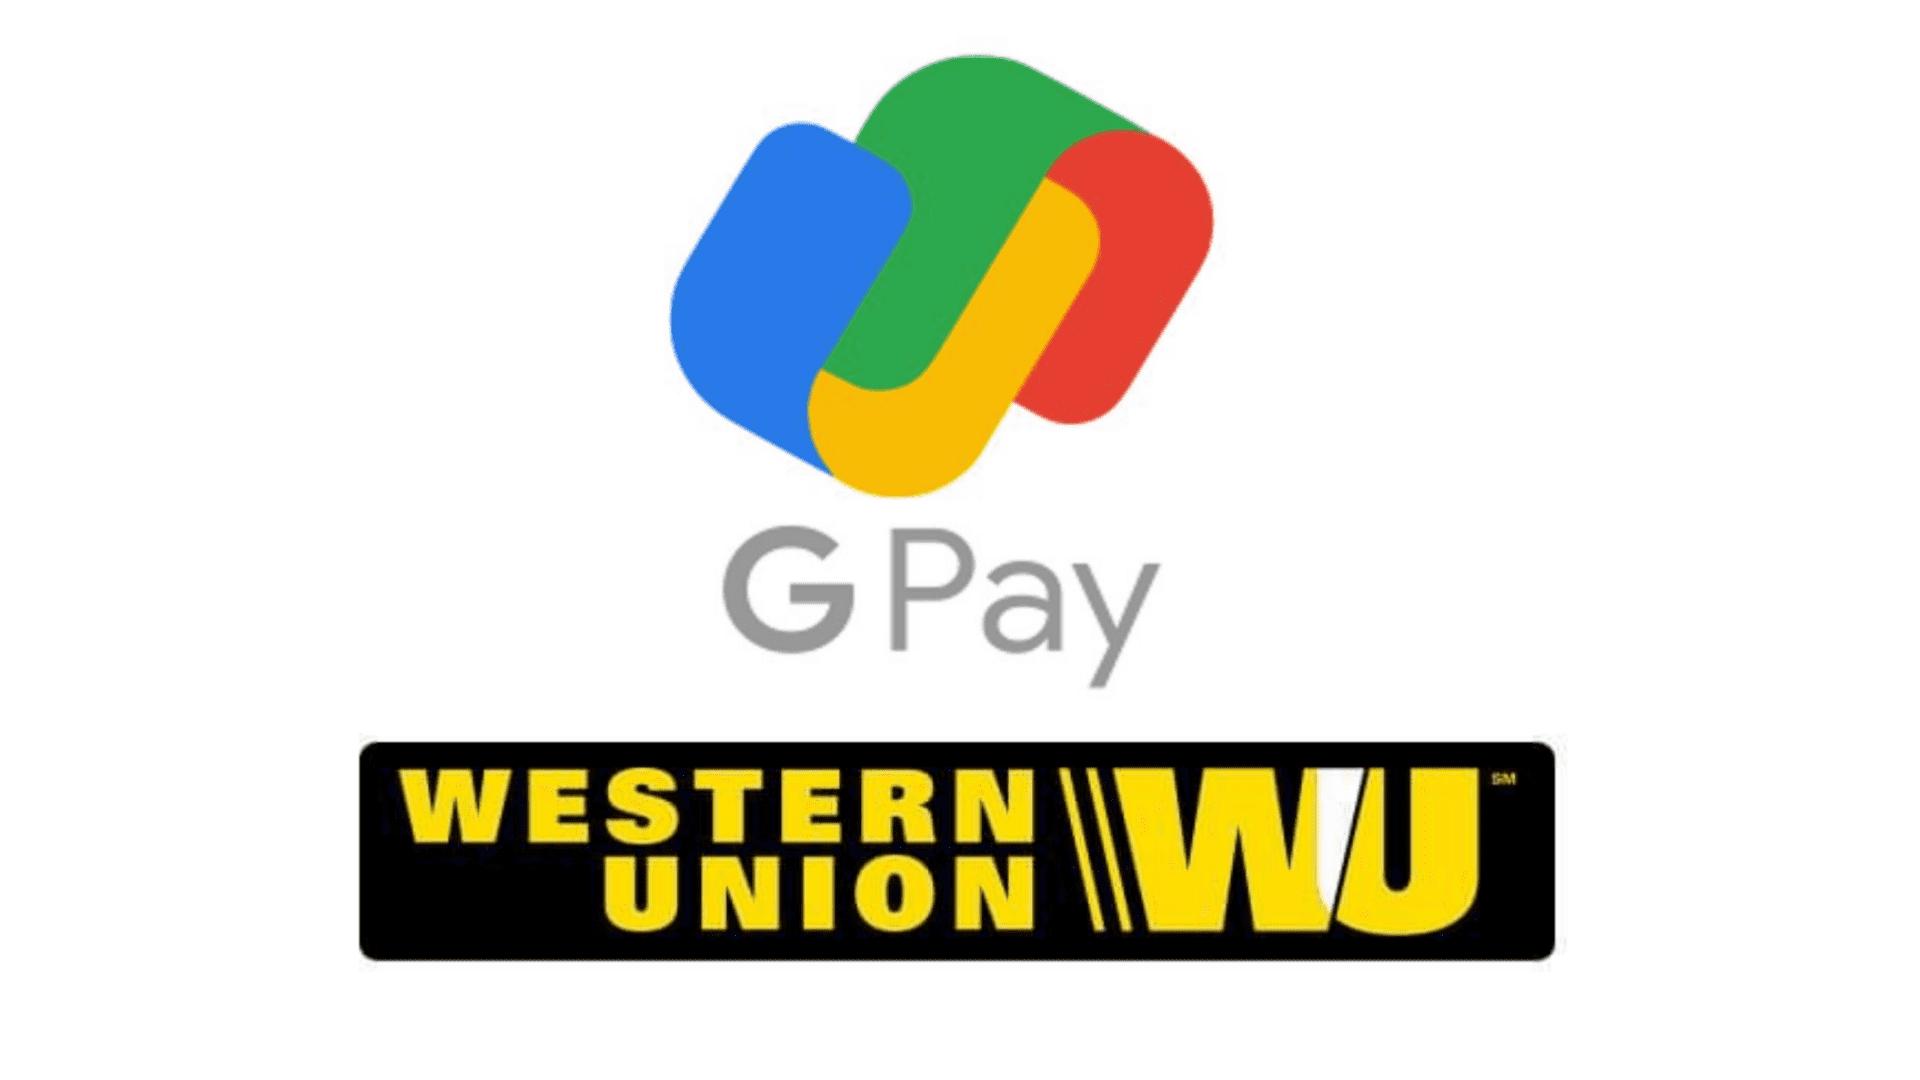 خدمة Google Pay تدعم إرسال الاموال عبر Western Union الى أحبائك